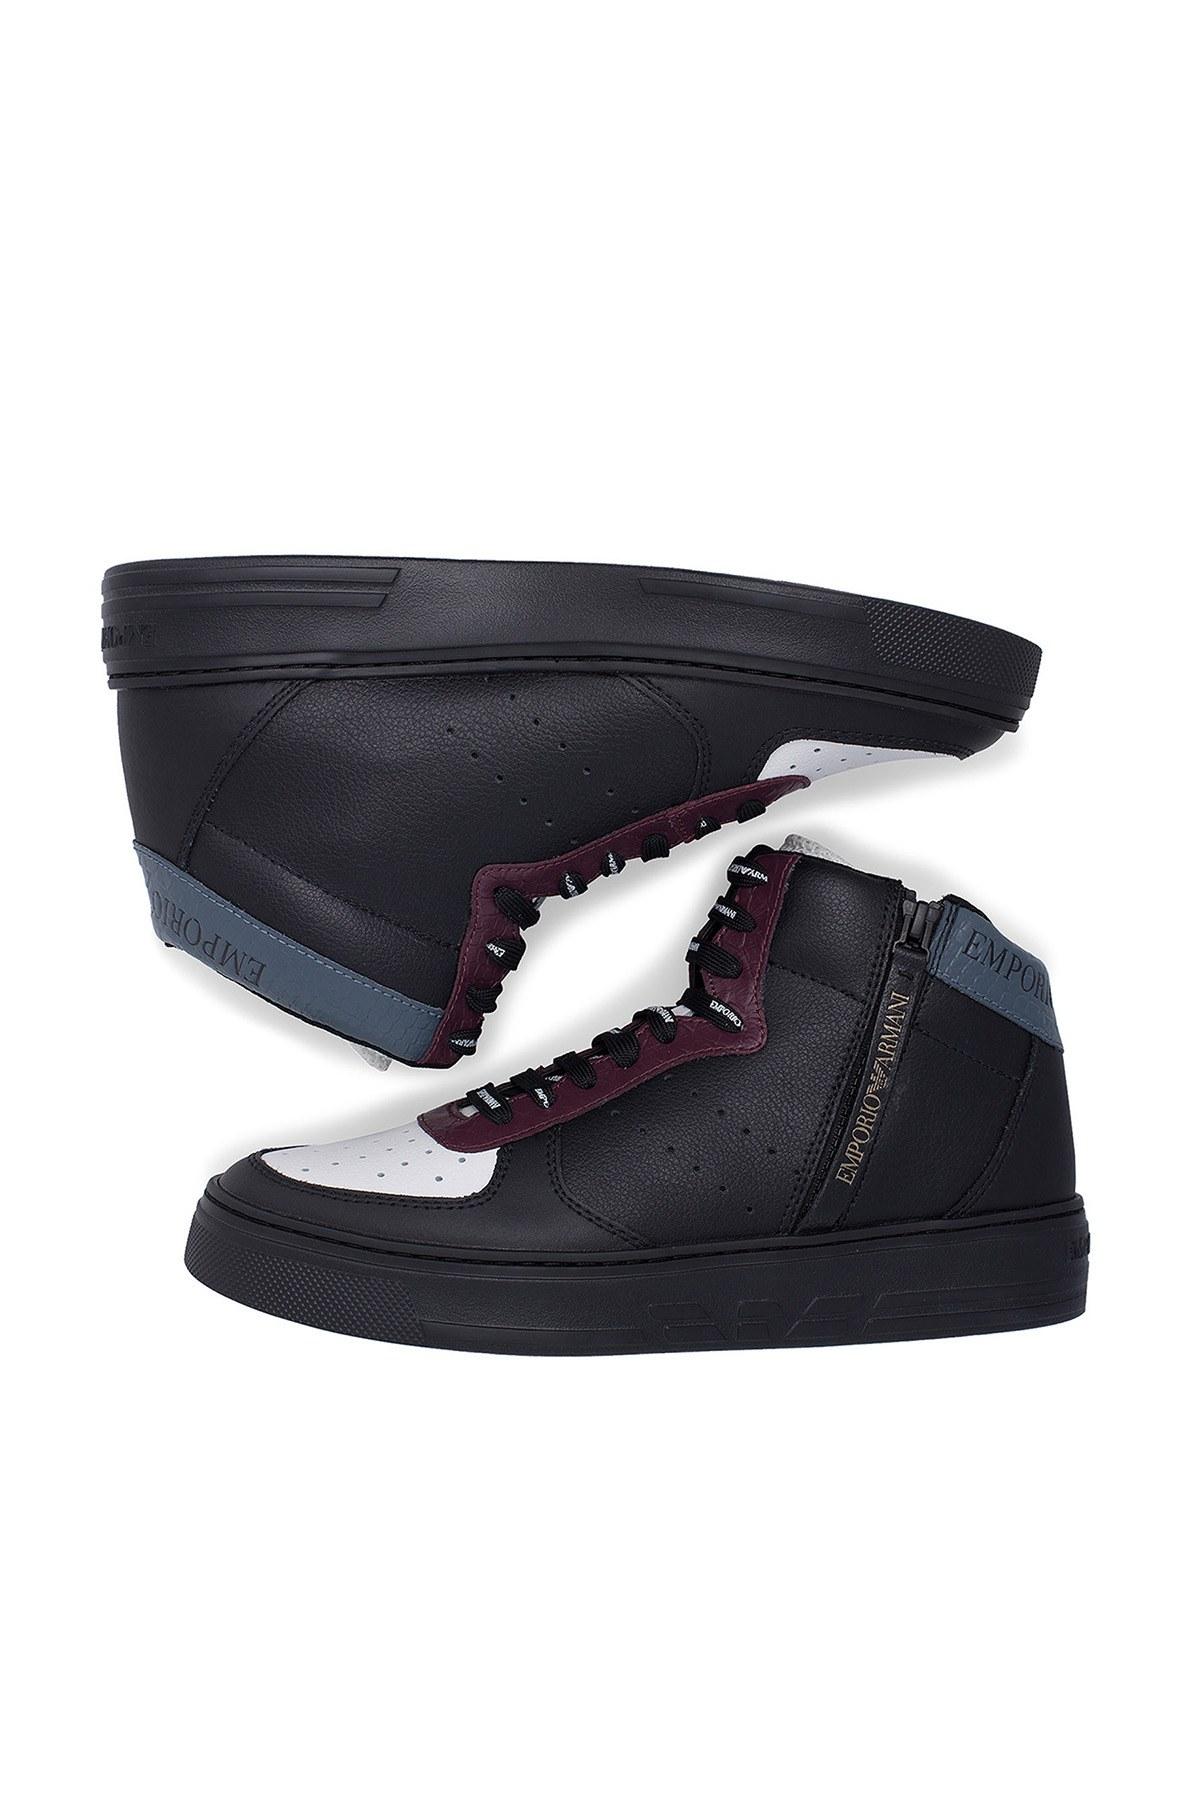 Emporio Armani Erkek Ayakkabı S X4Z083 XM052 A116 SİYAH